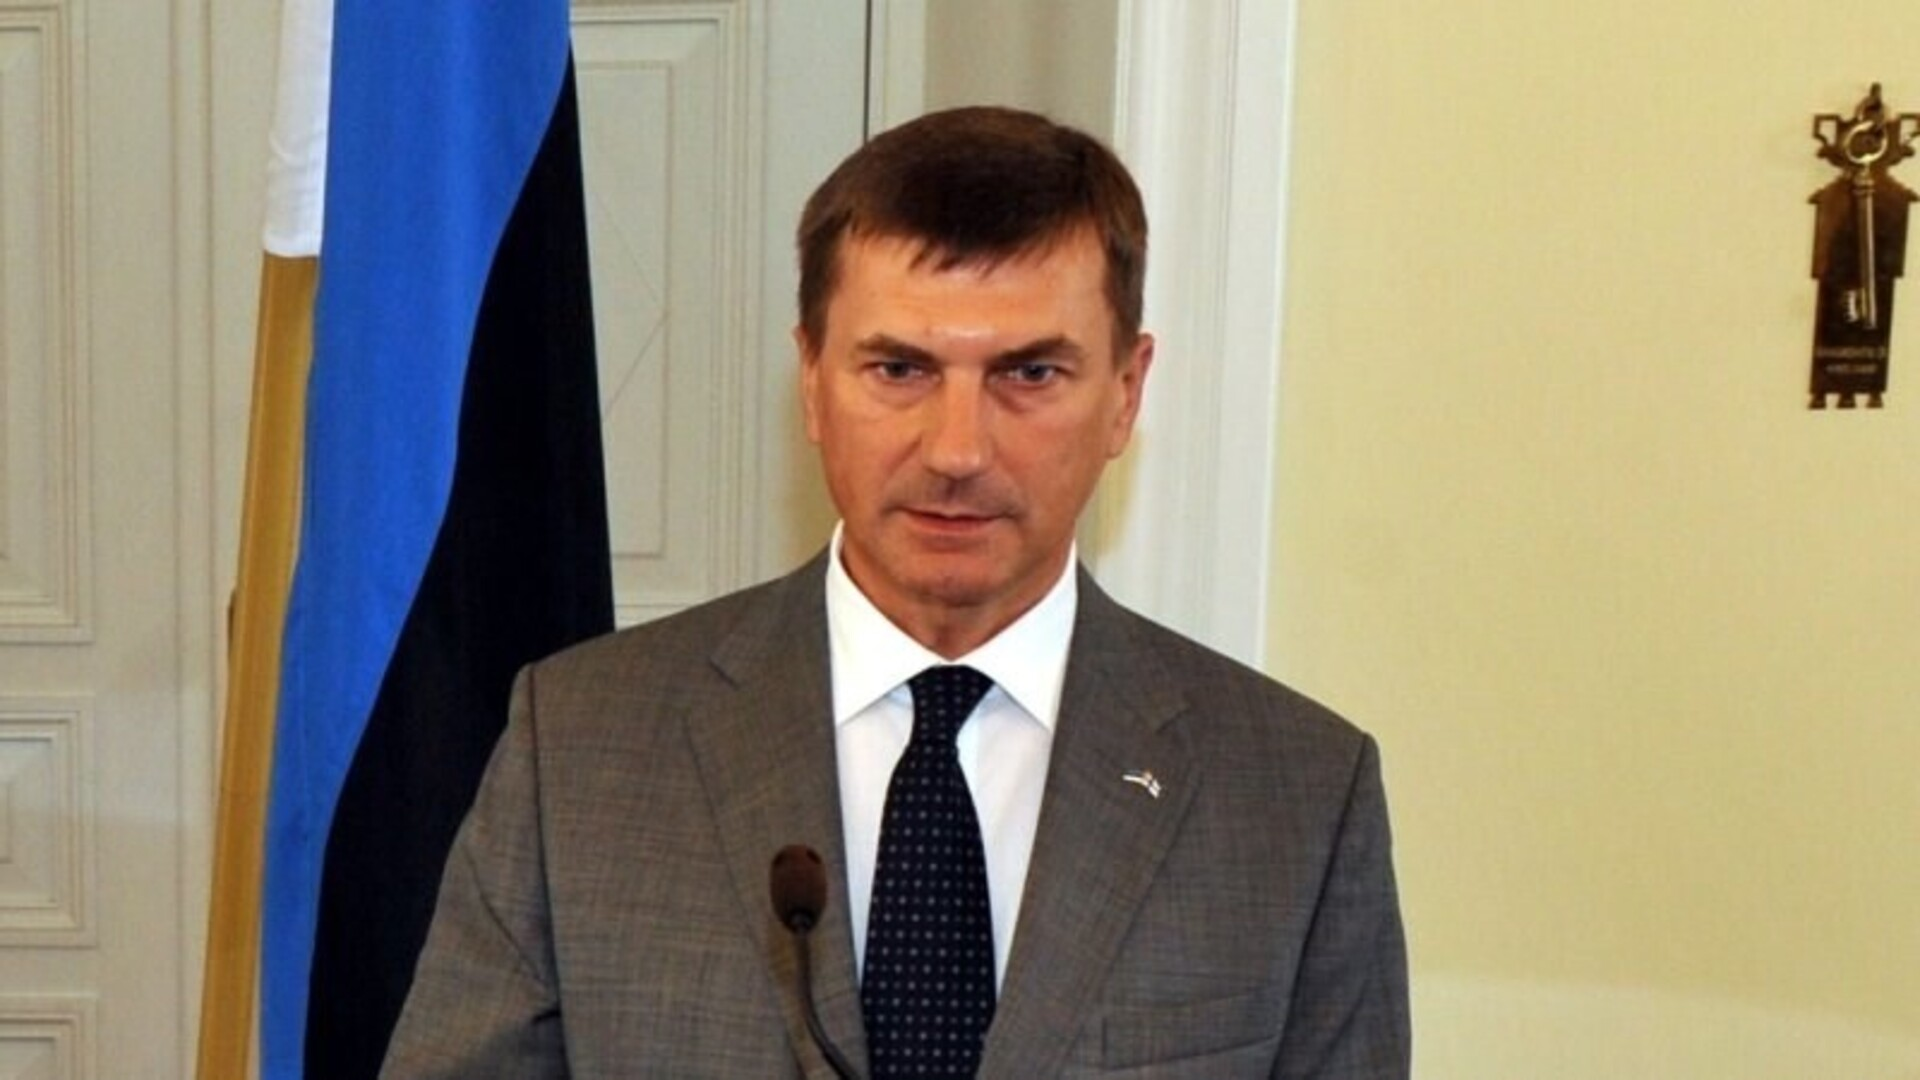 Вместо защиты Эстония может получить от НАТО открытки с соболезнованиями новейшие фото